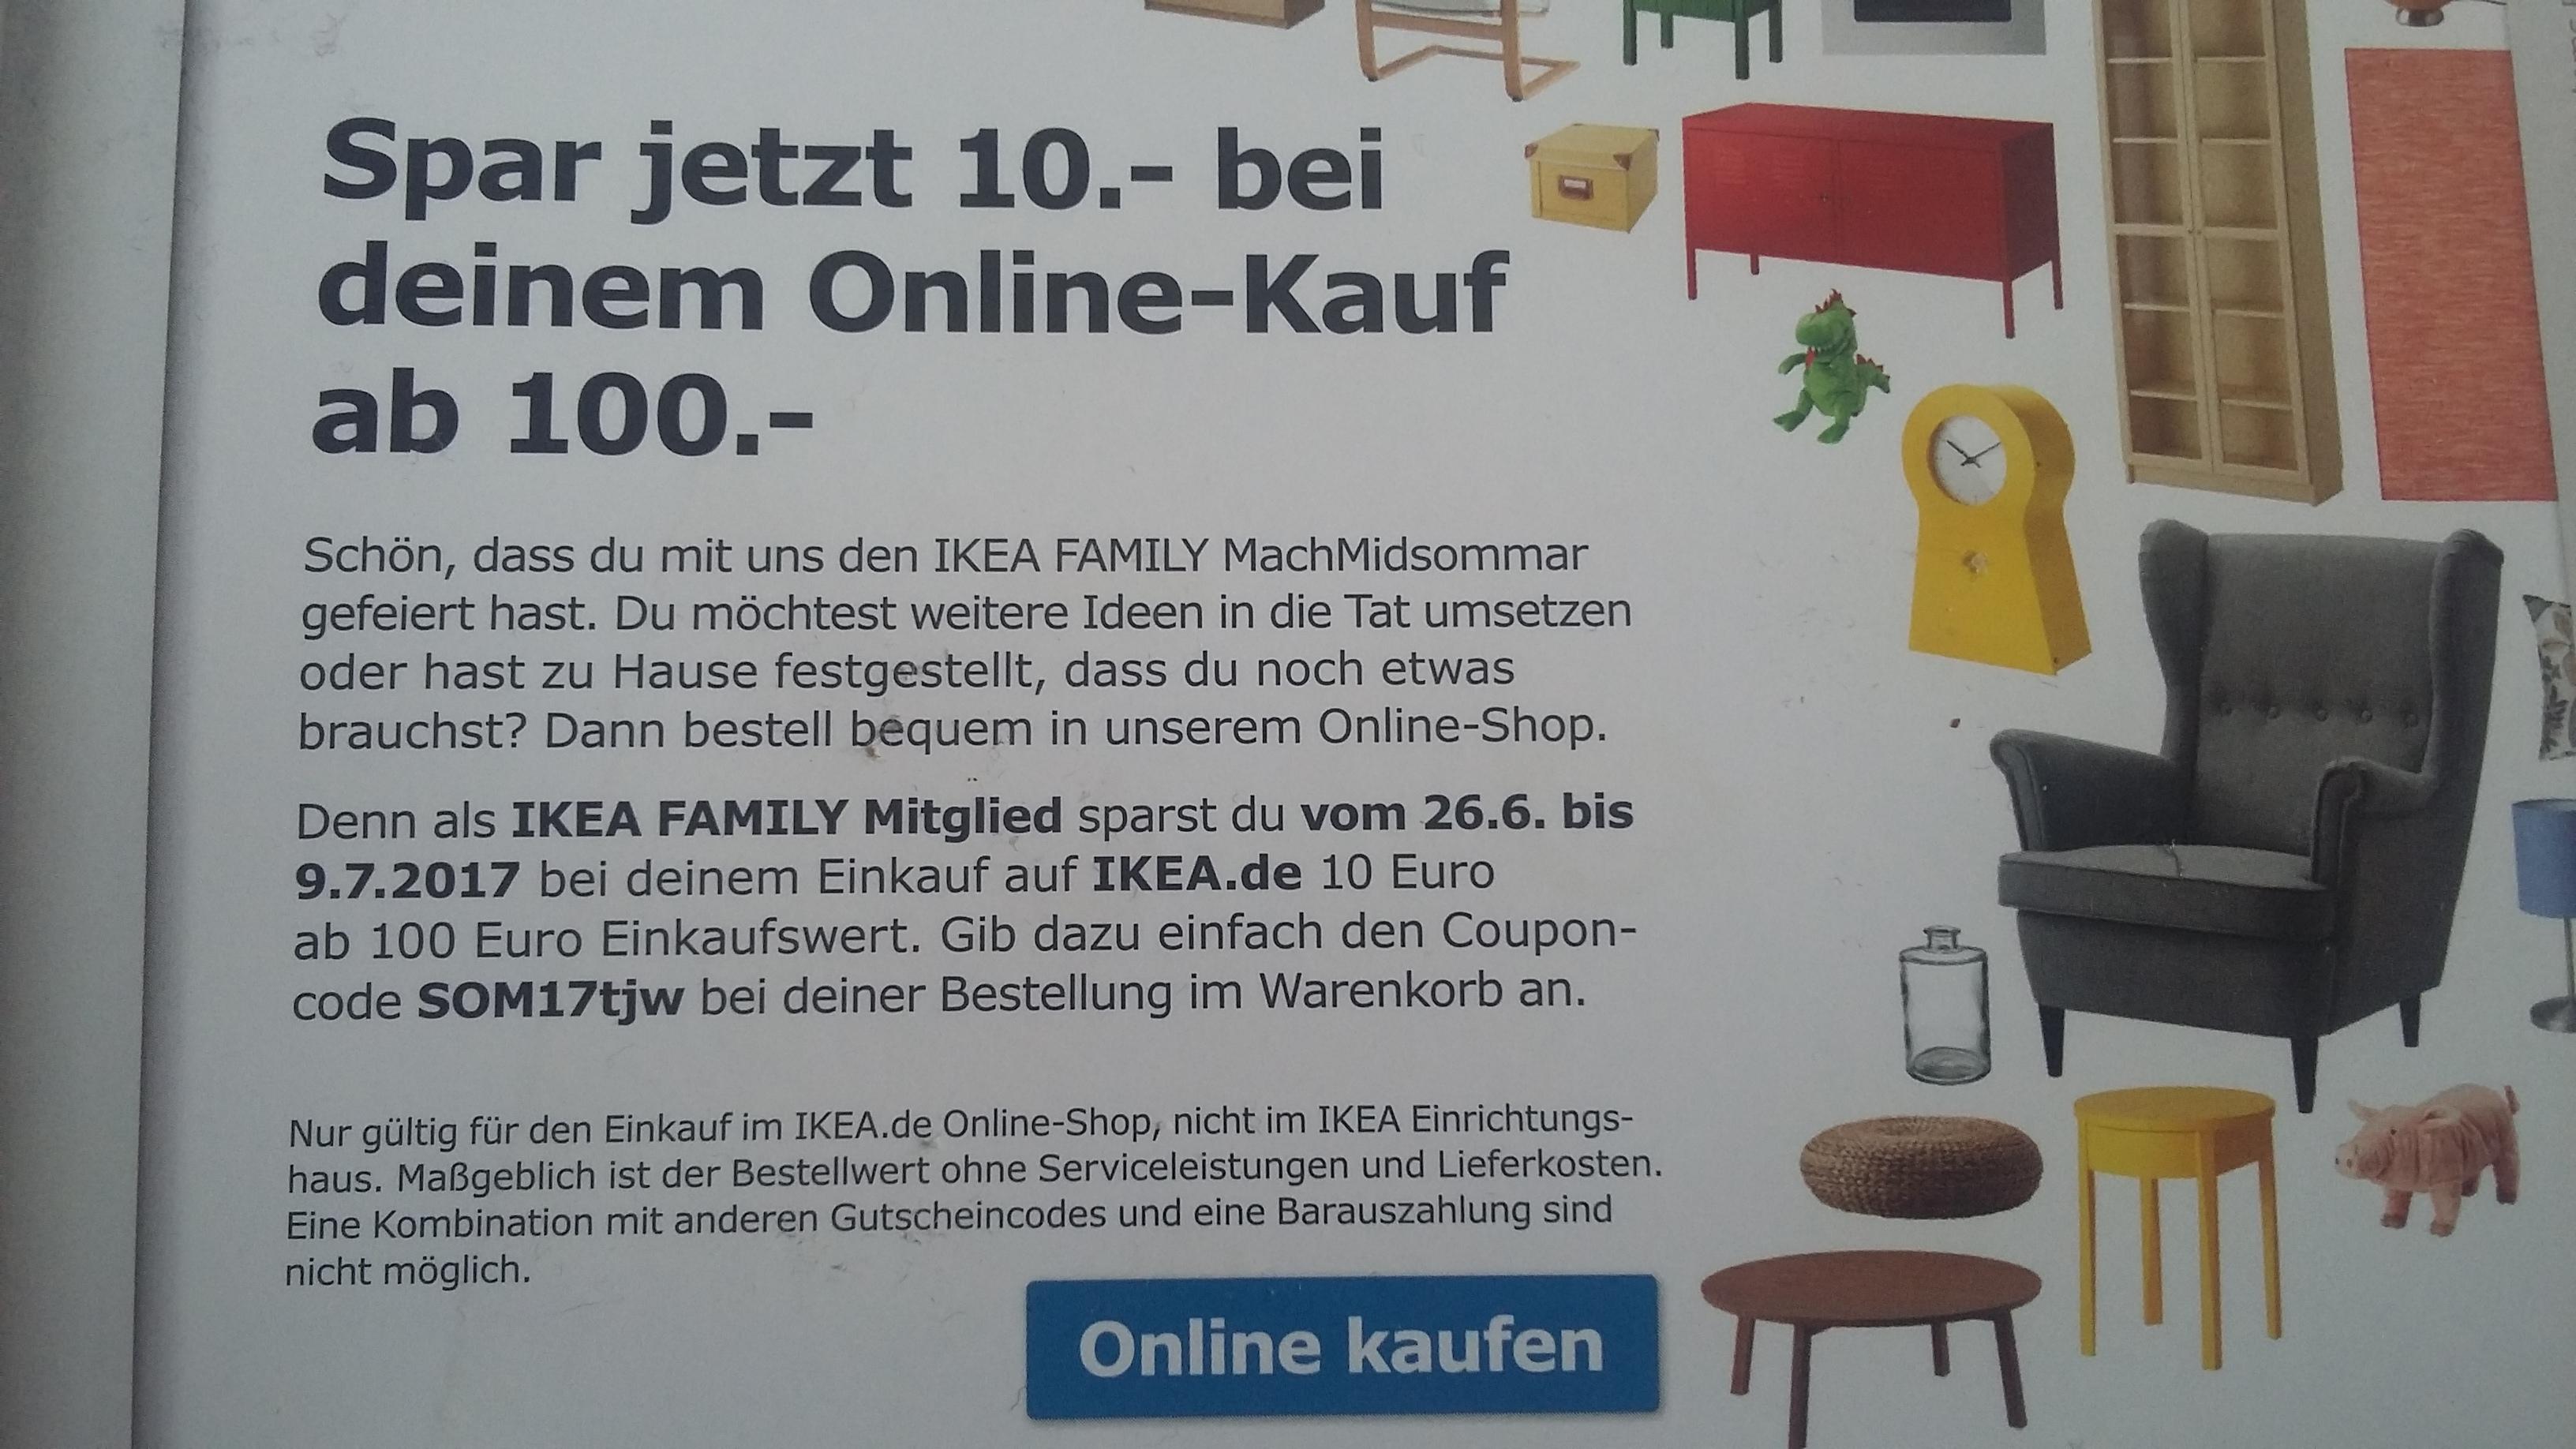 IKEA.de 10Euro Gutschein (100MBW) für Ikea Family Mitglieder